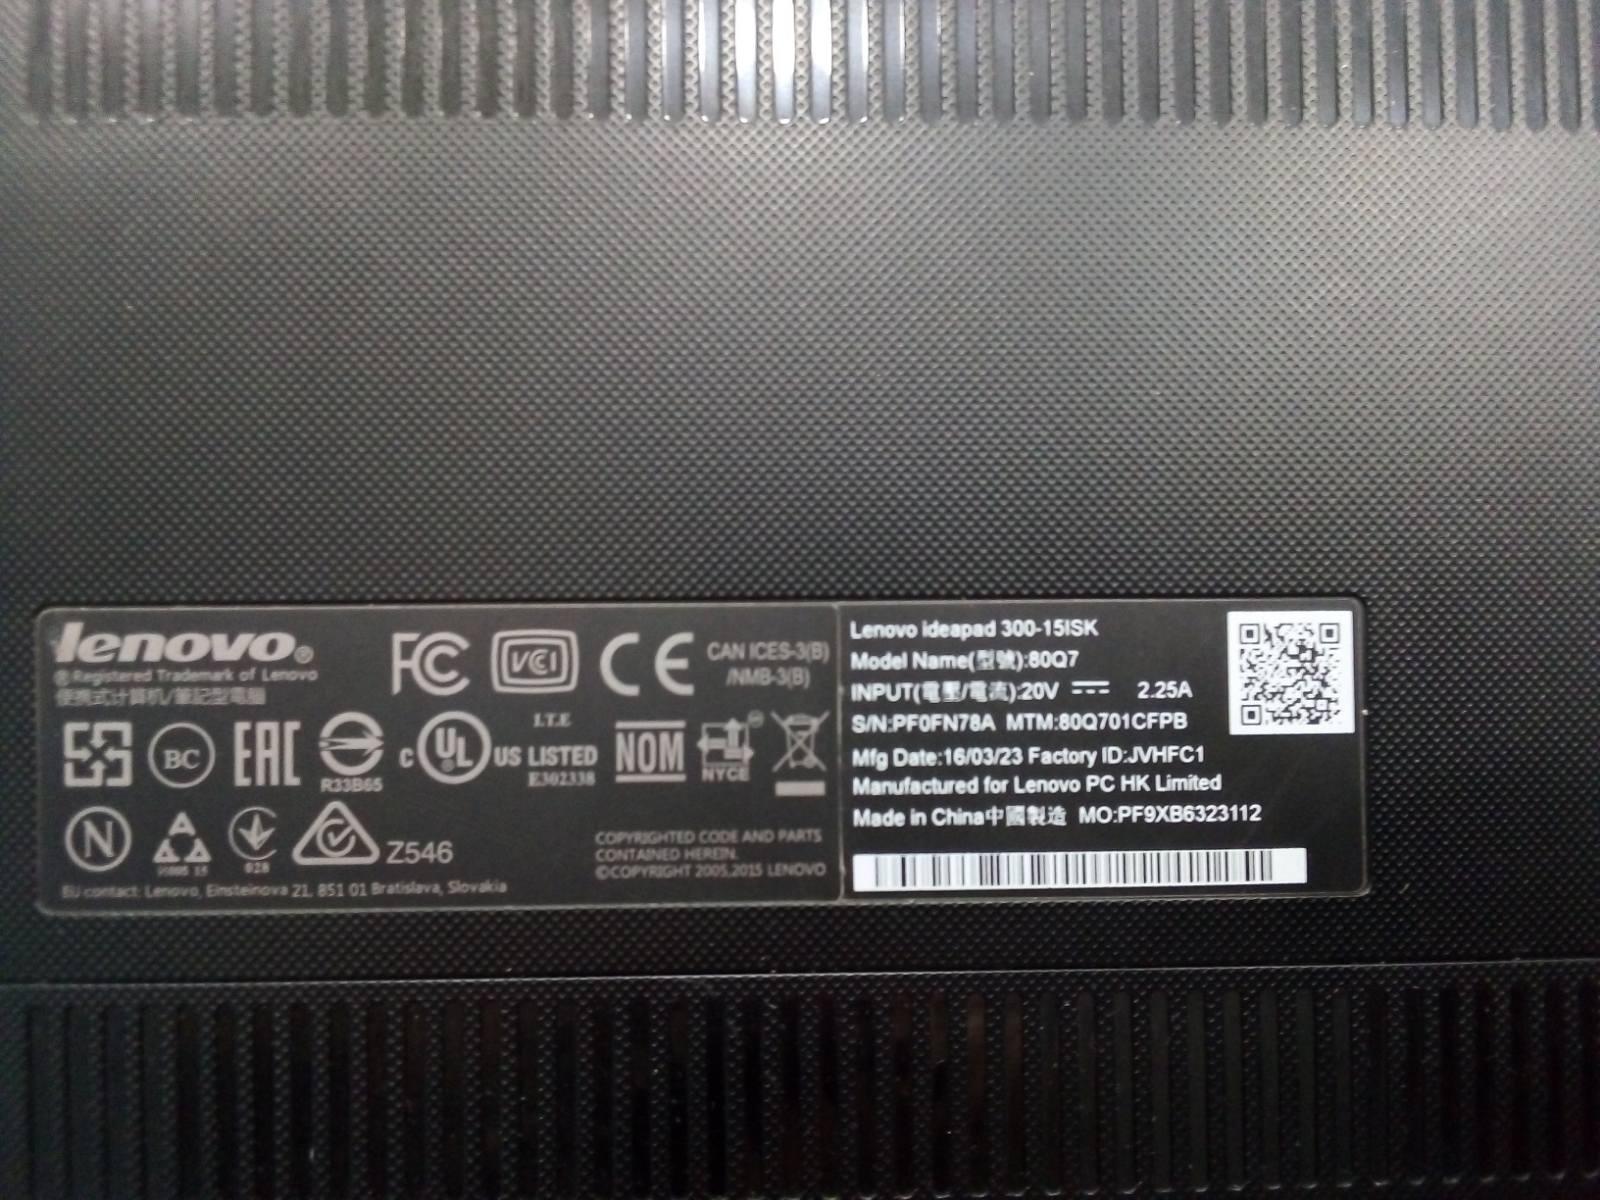 Lenovo Ideapad 300-15ISK battery